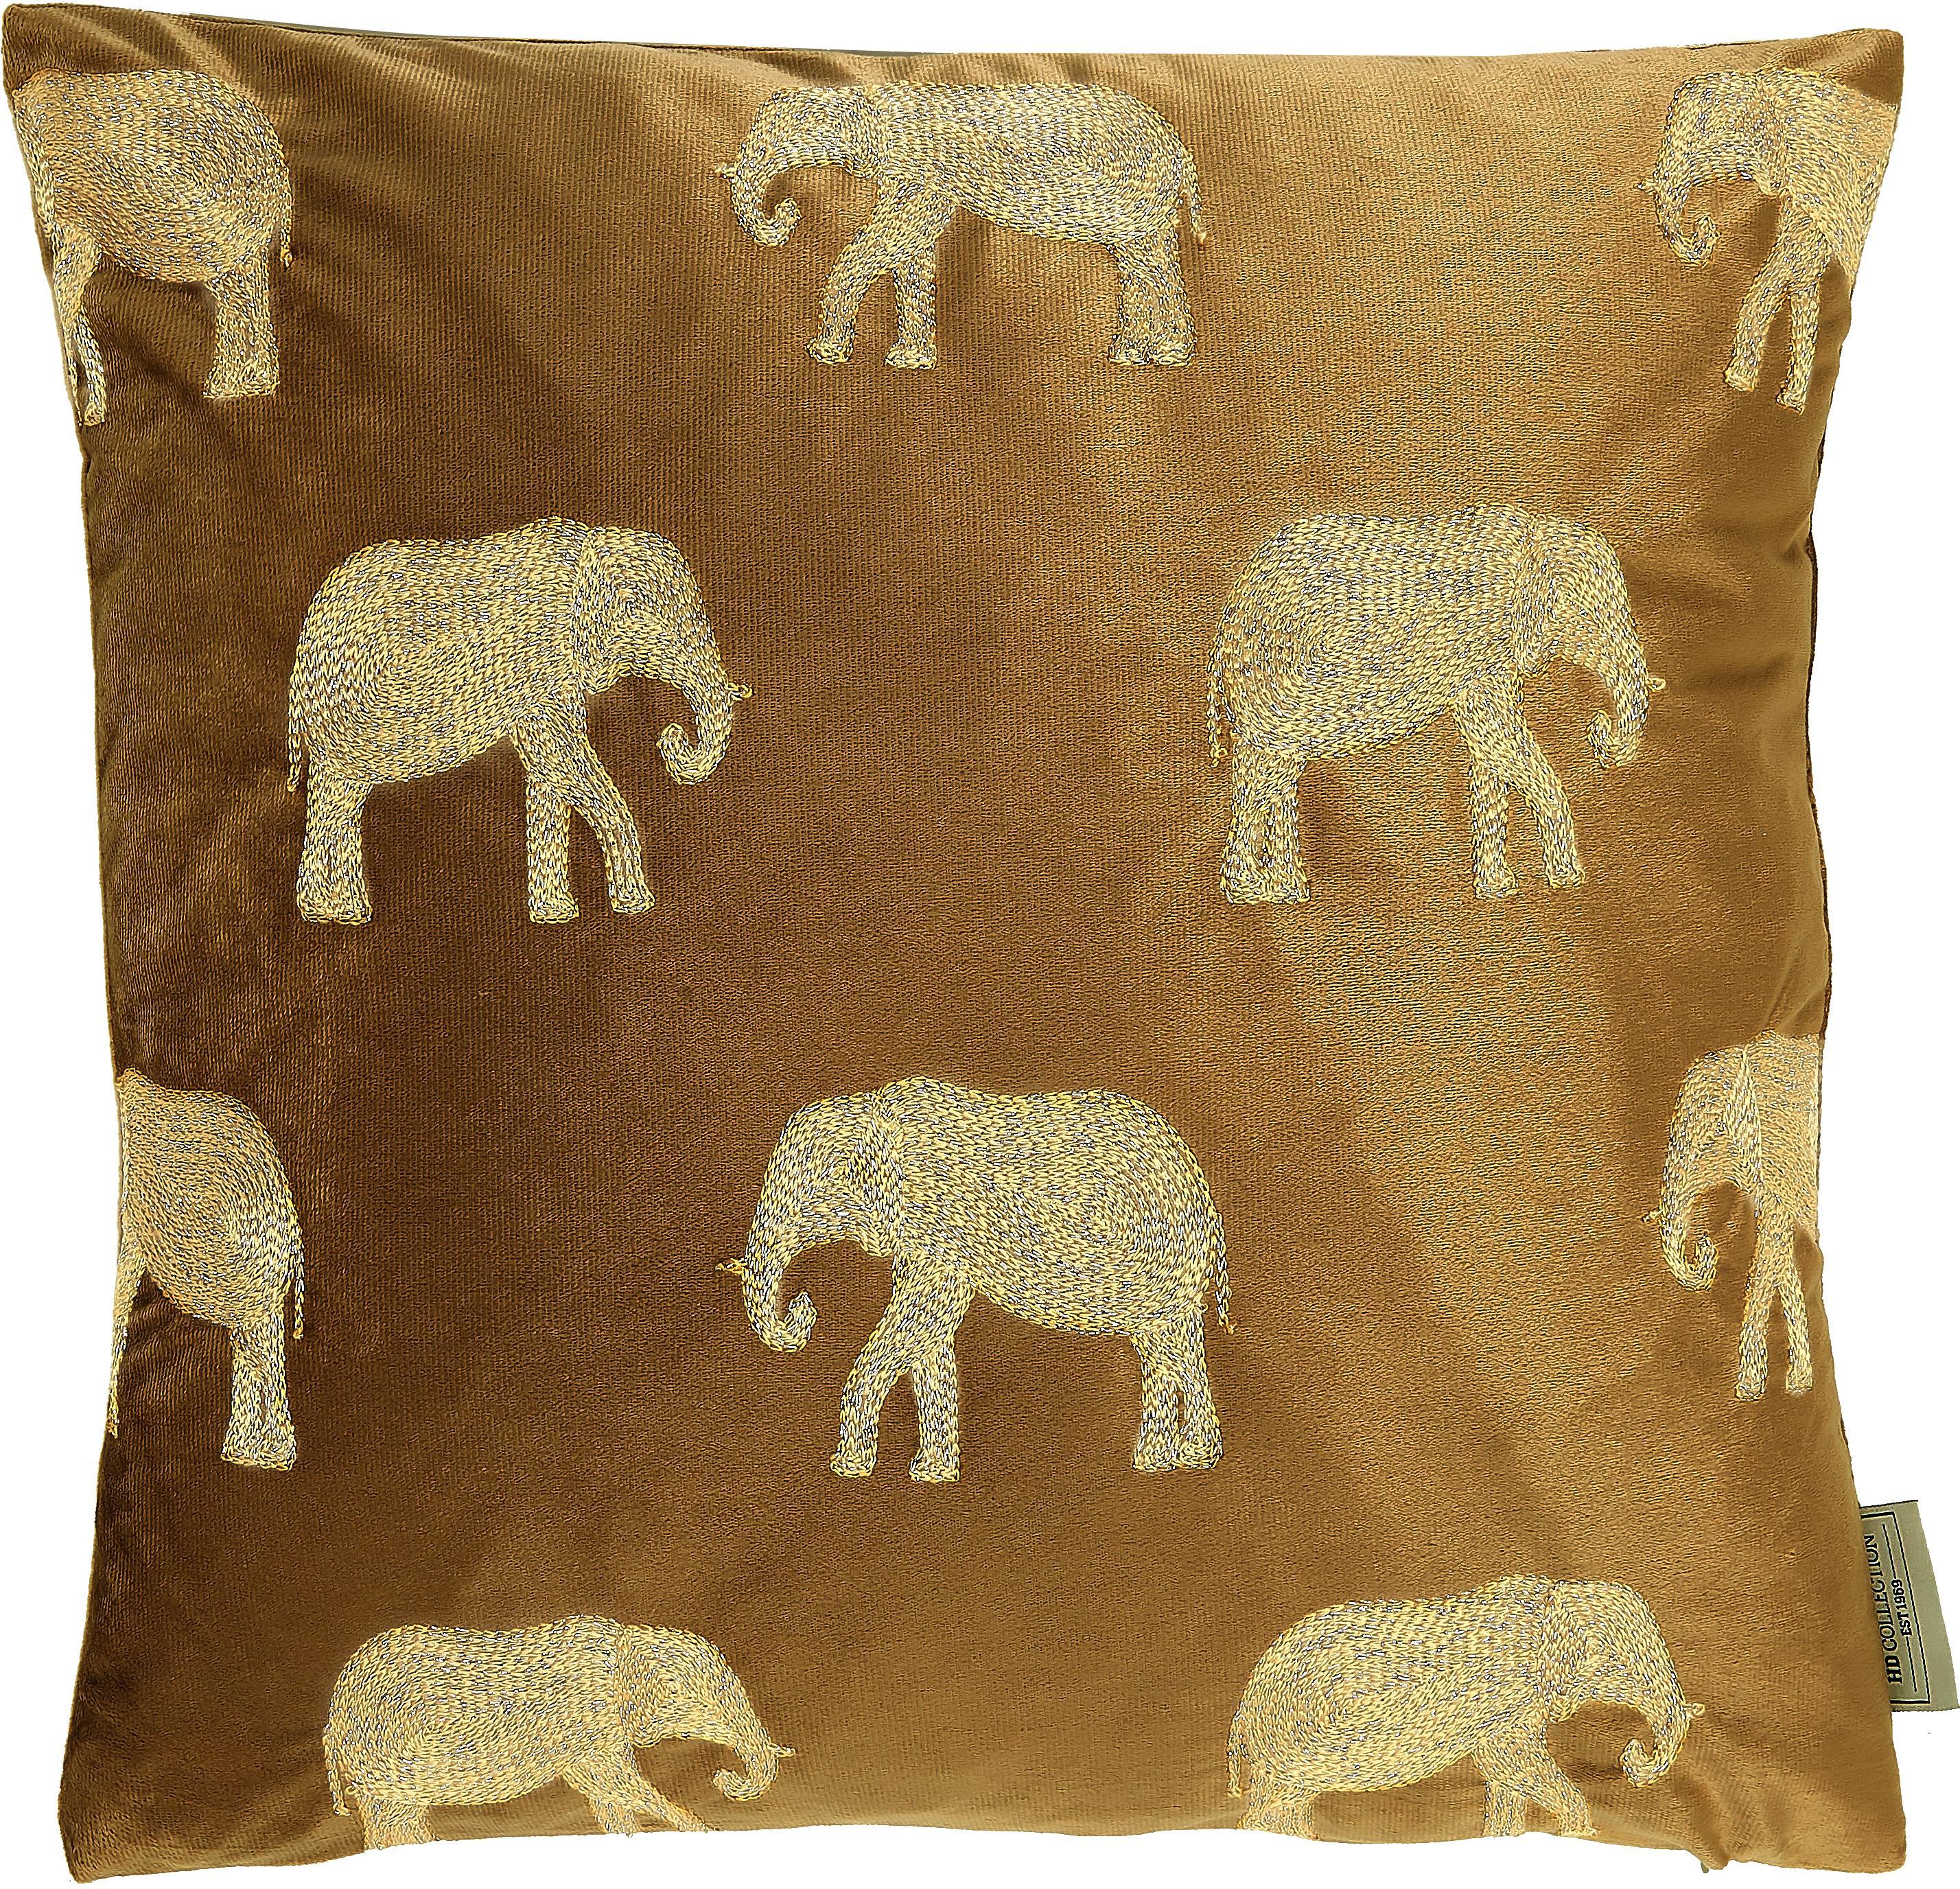 Geborduurd fluwelen kussen Elephant, met vulling, Fluweel, Bruin, goudkleurig, 45 x 45 cm